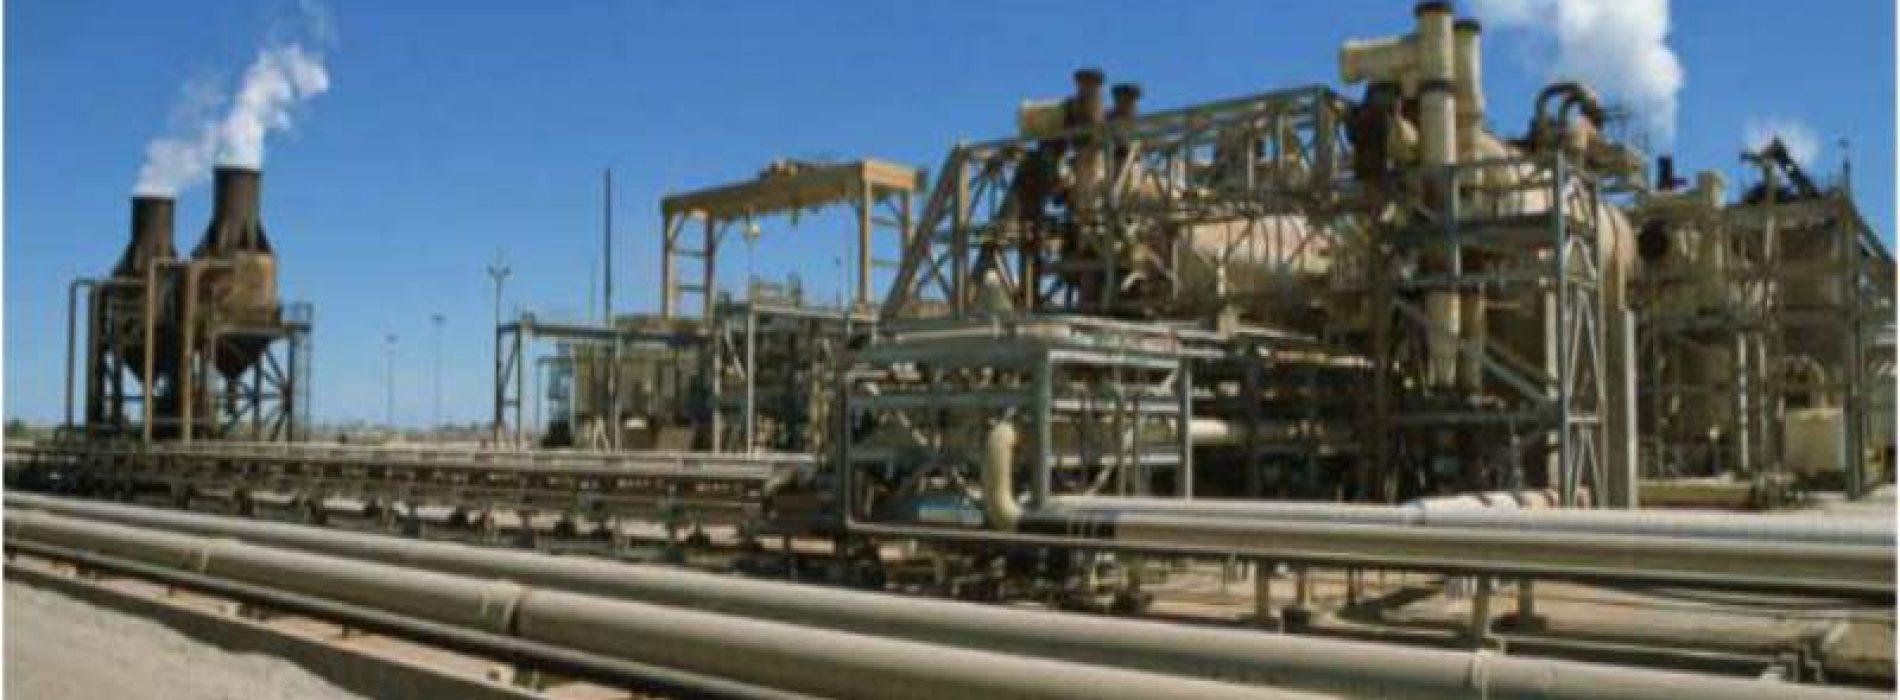 Mozambico, stanziati 15 miliardi di dollari per il progetto LNG